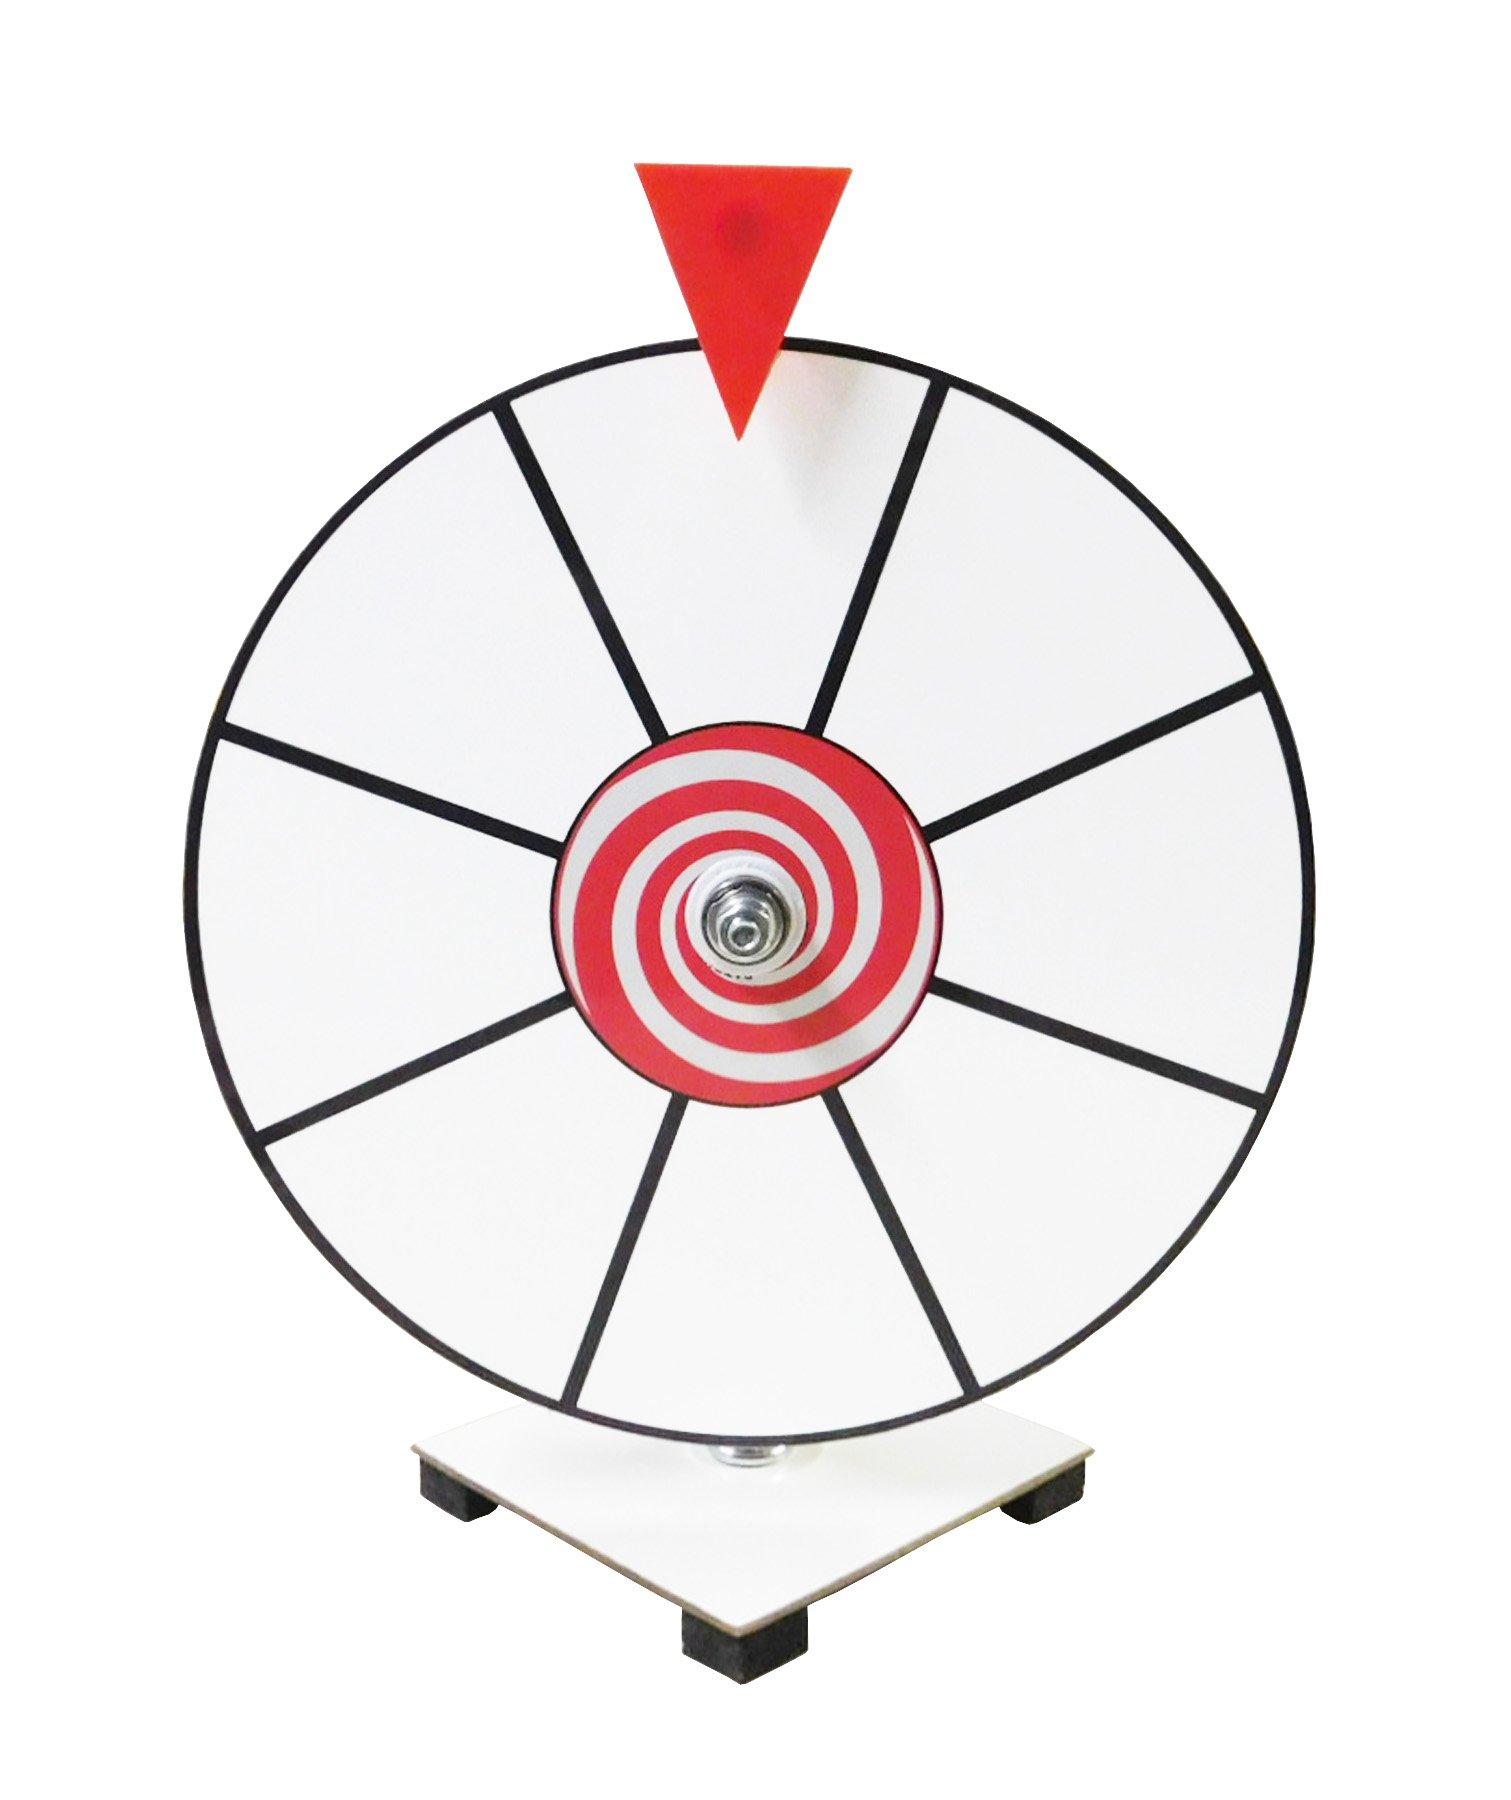 Prize Wheel 12'' White Face Dry Erase Kid Safe Pegless Design